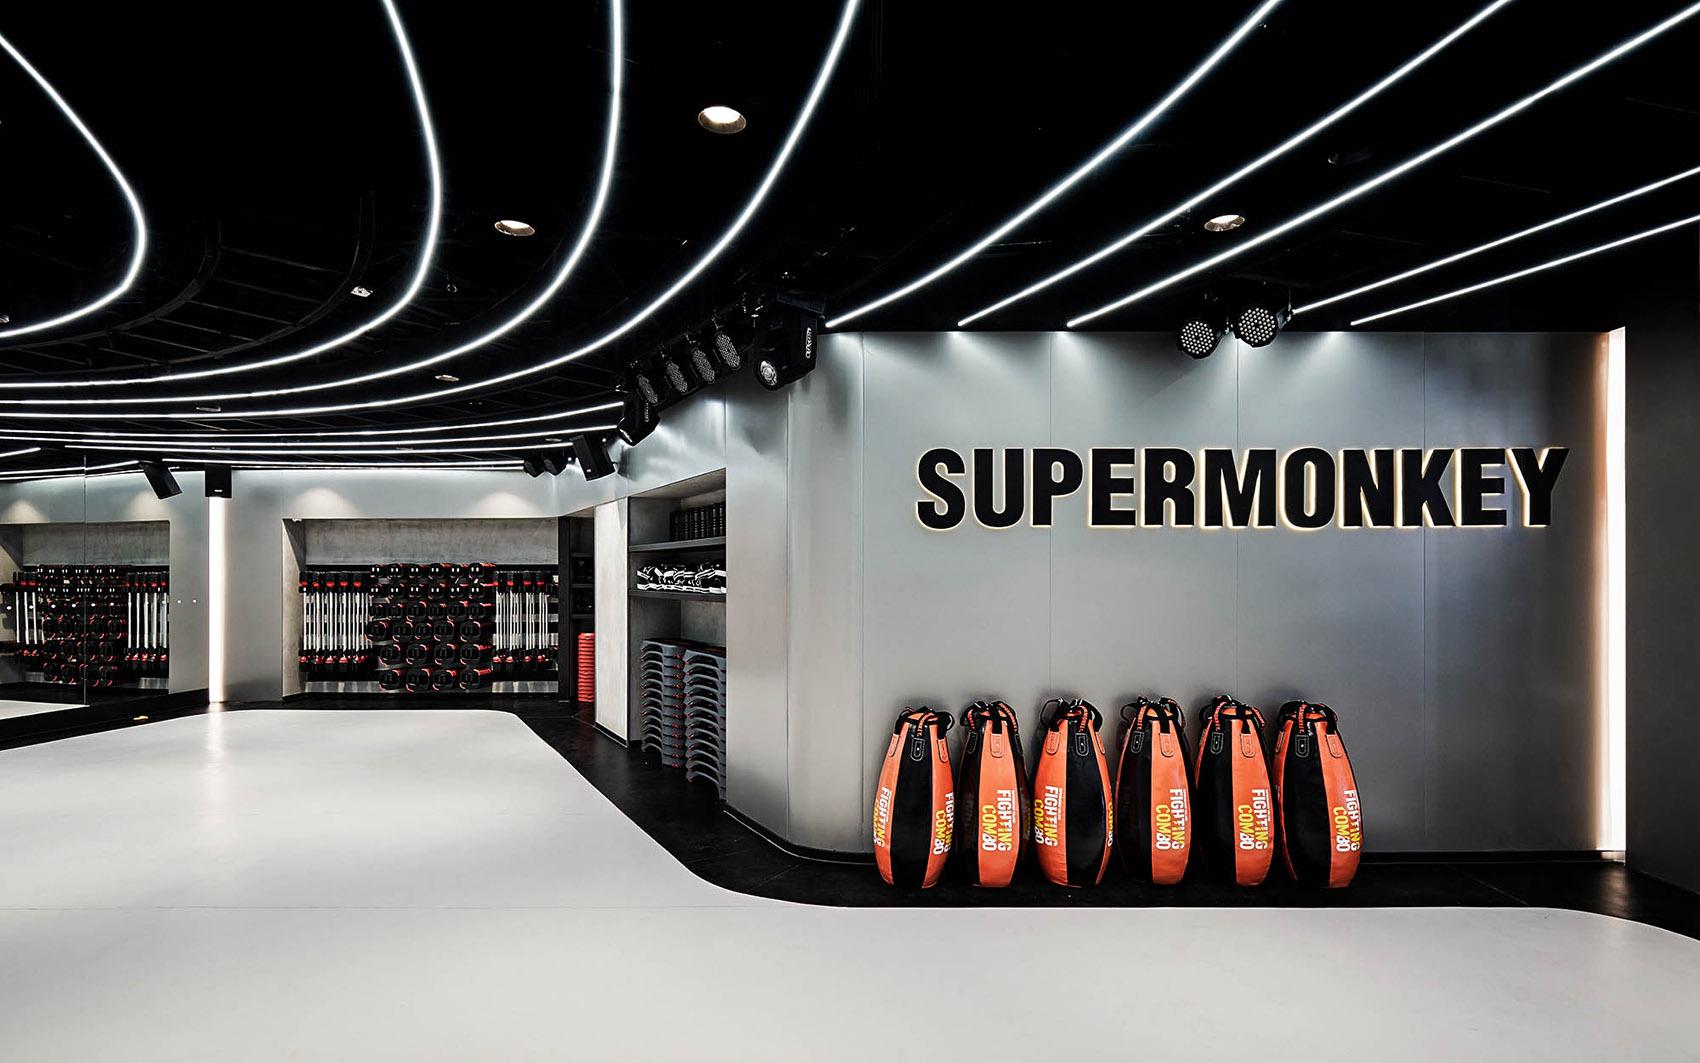 元气森林推出能量饮料新品牌,达能植物基品牌 VEGA ONE 进入中国市场,宜家在上海创建数字创新中心|品牌日报